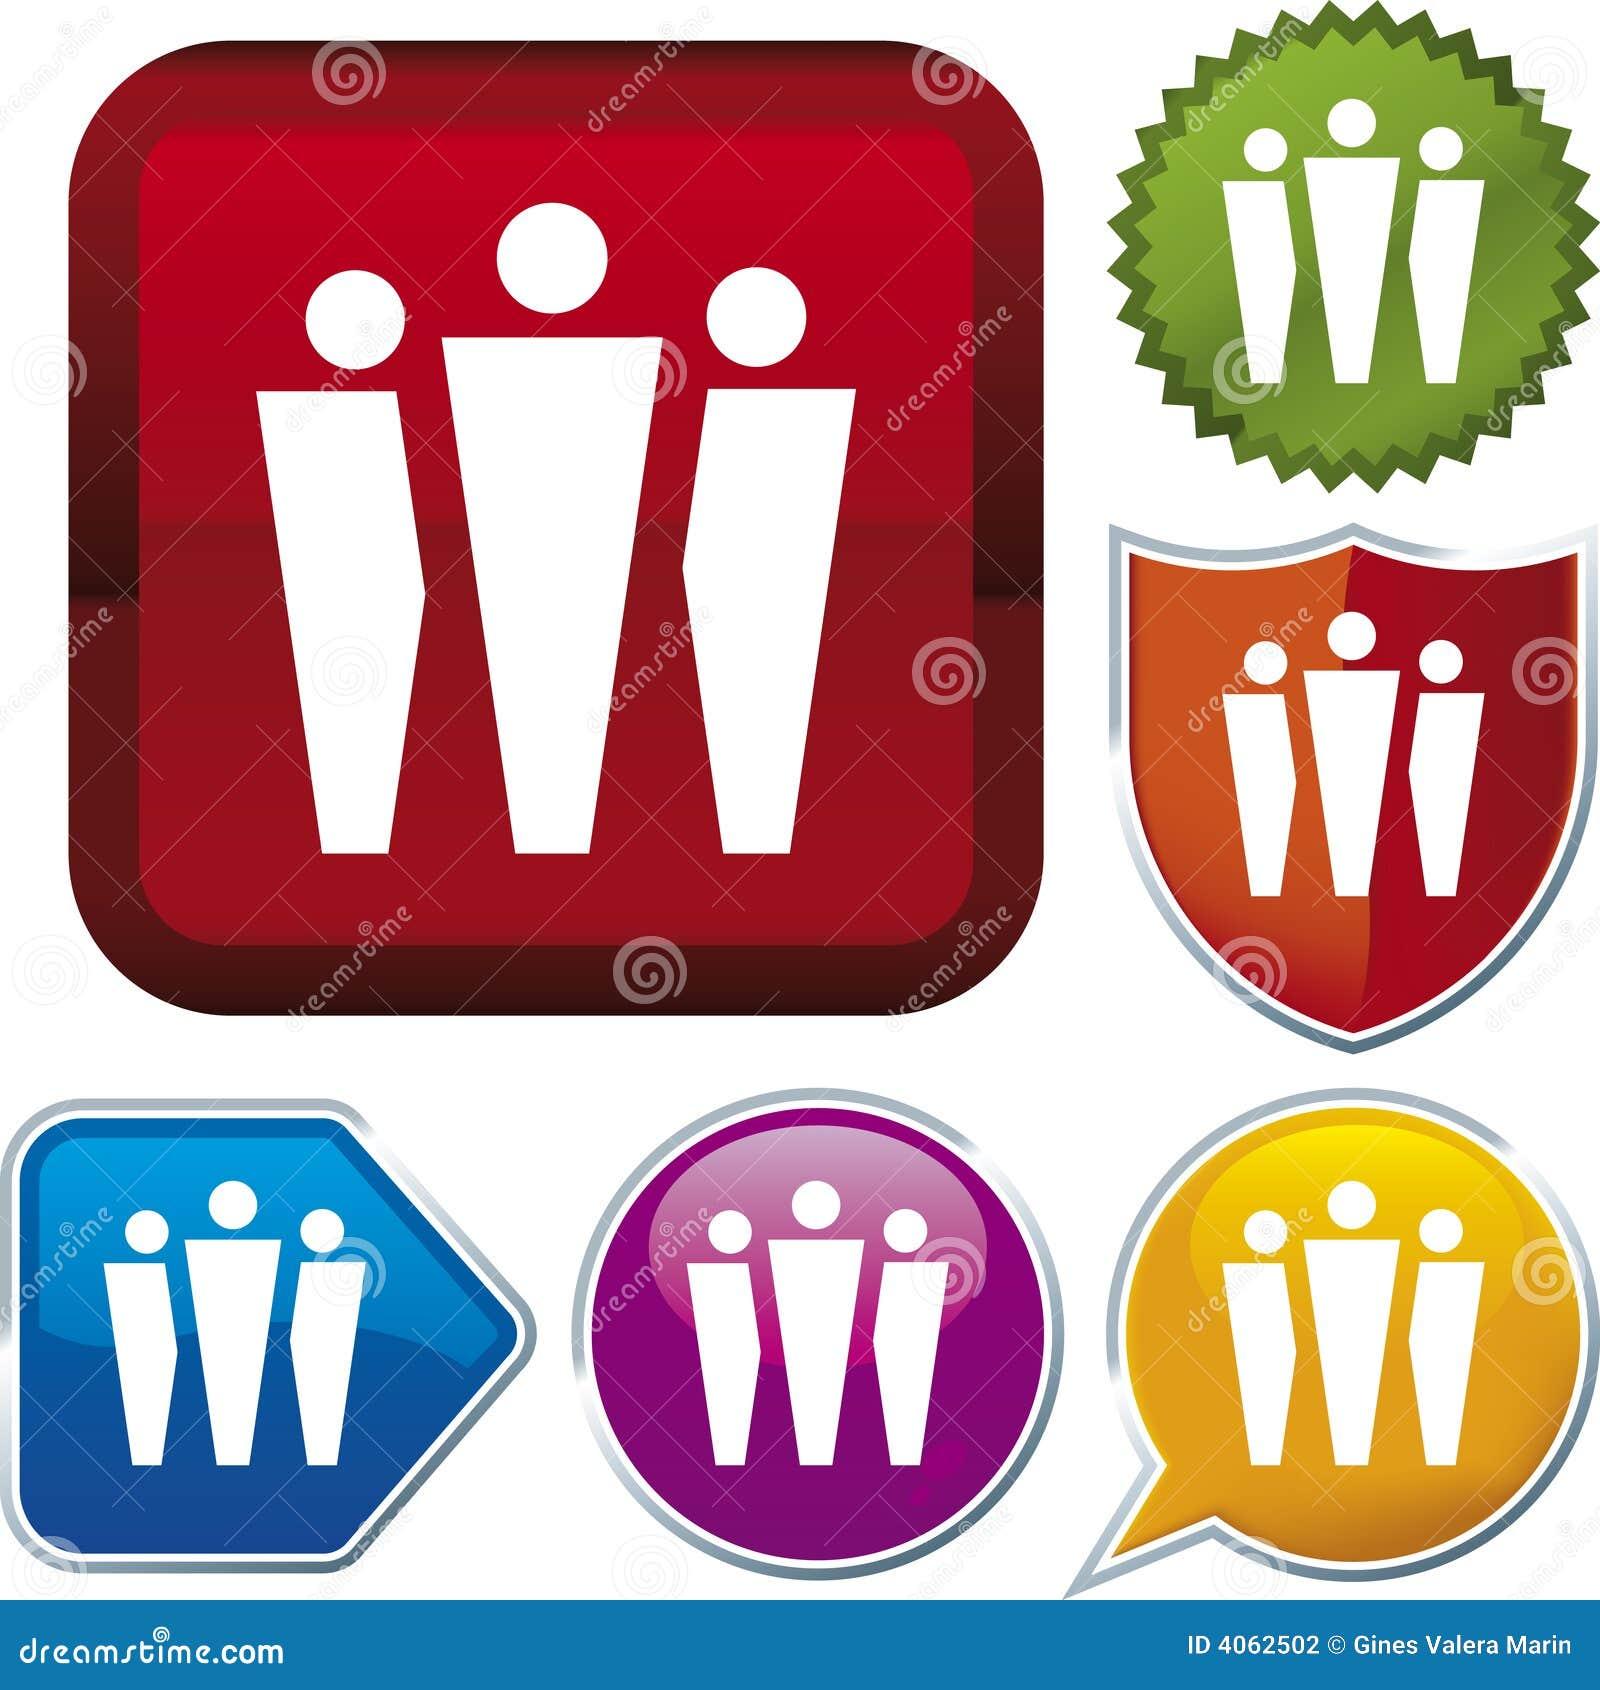 Ikonenserie: Gruppe (Vektor)